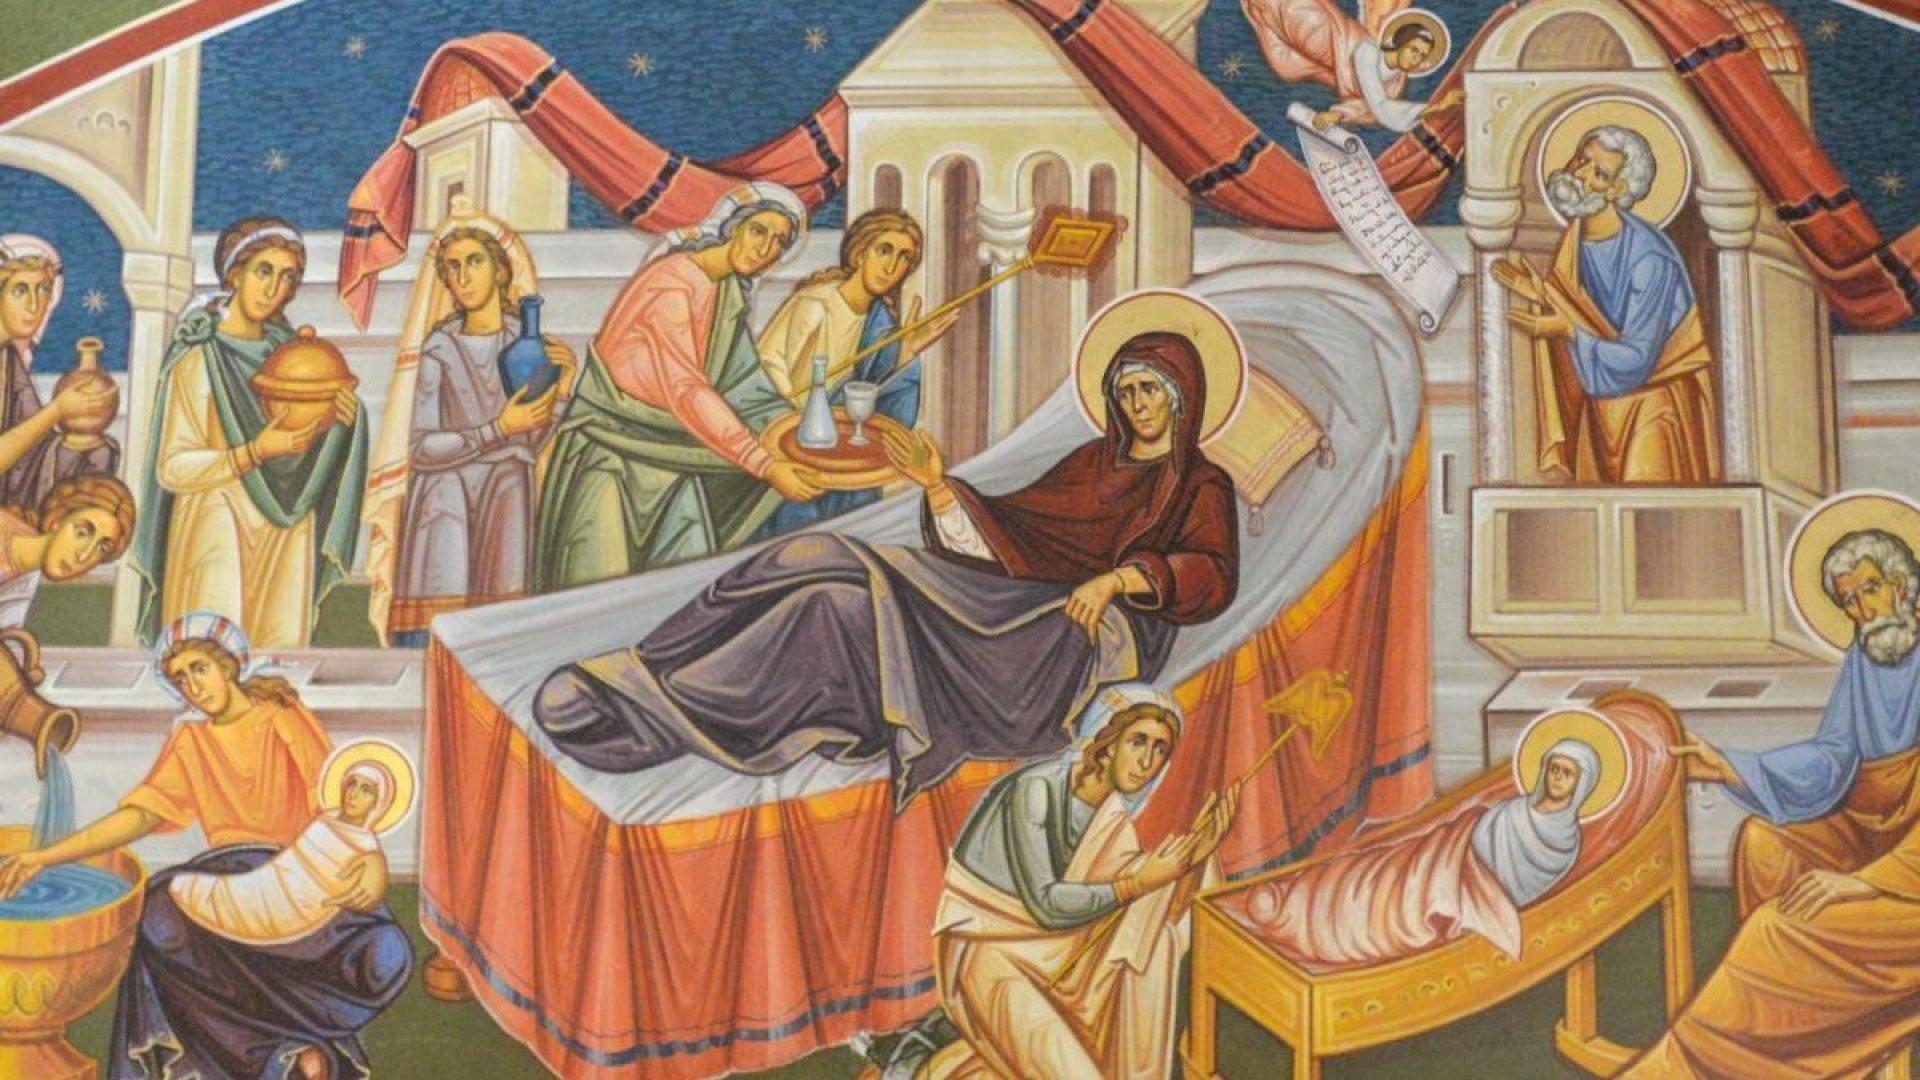 Obiceiuri și tradiții de Sfânta Maria Mică. Ce nu e bine să faci de Nașterea Maicii Domnului